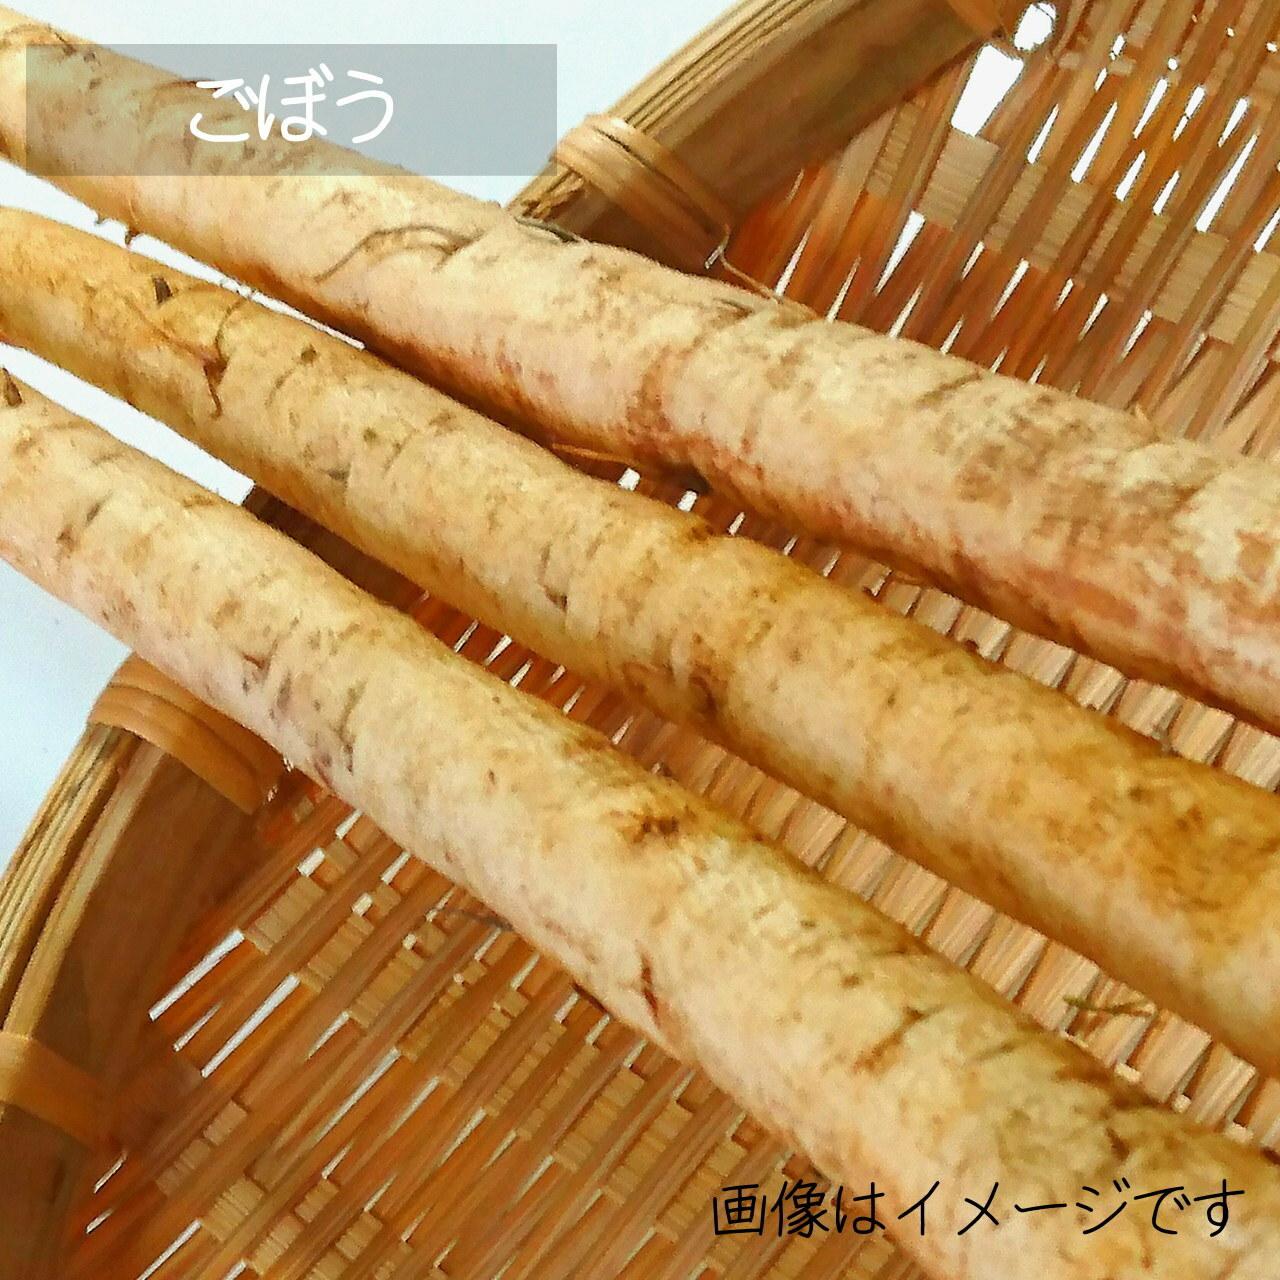 新鮮な秋野菜 : ゴボウ 1~3本 9月の朝採り直売野菜 9月14日発送予定